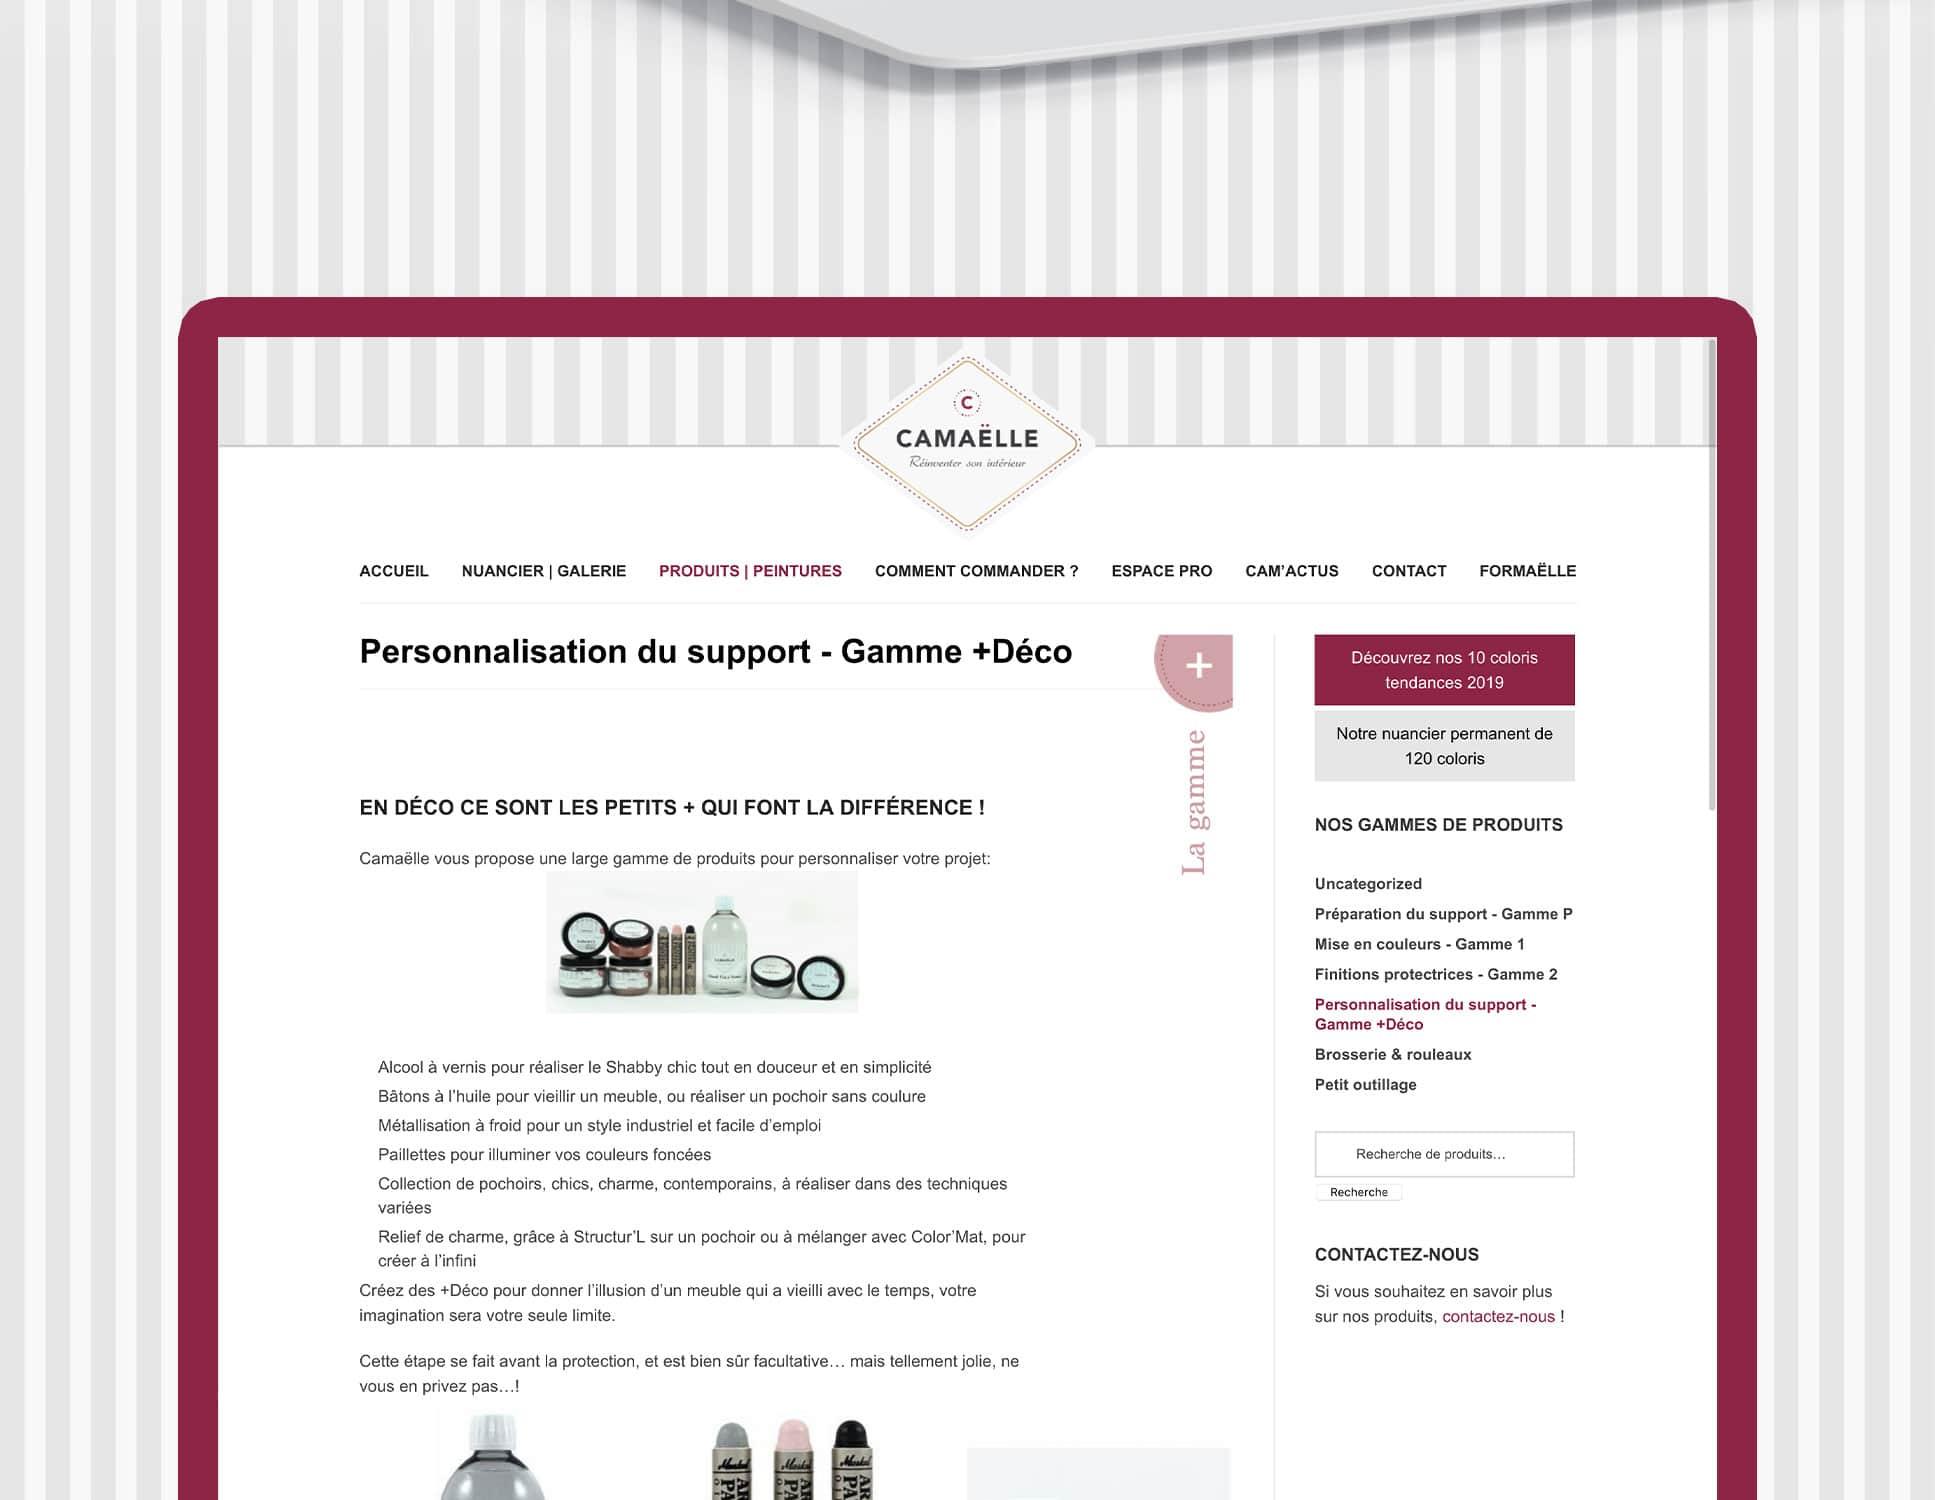 Résultat refonte site Camaelle par Webperfect